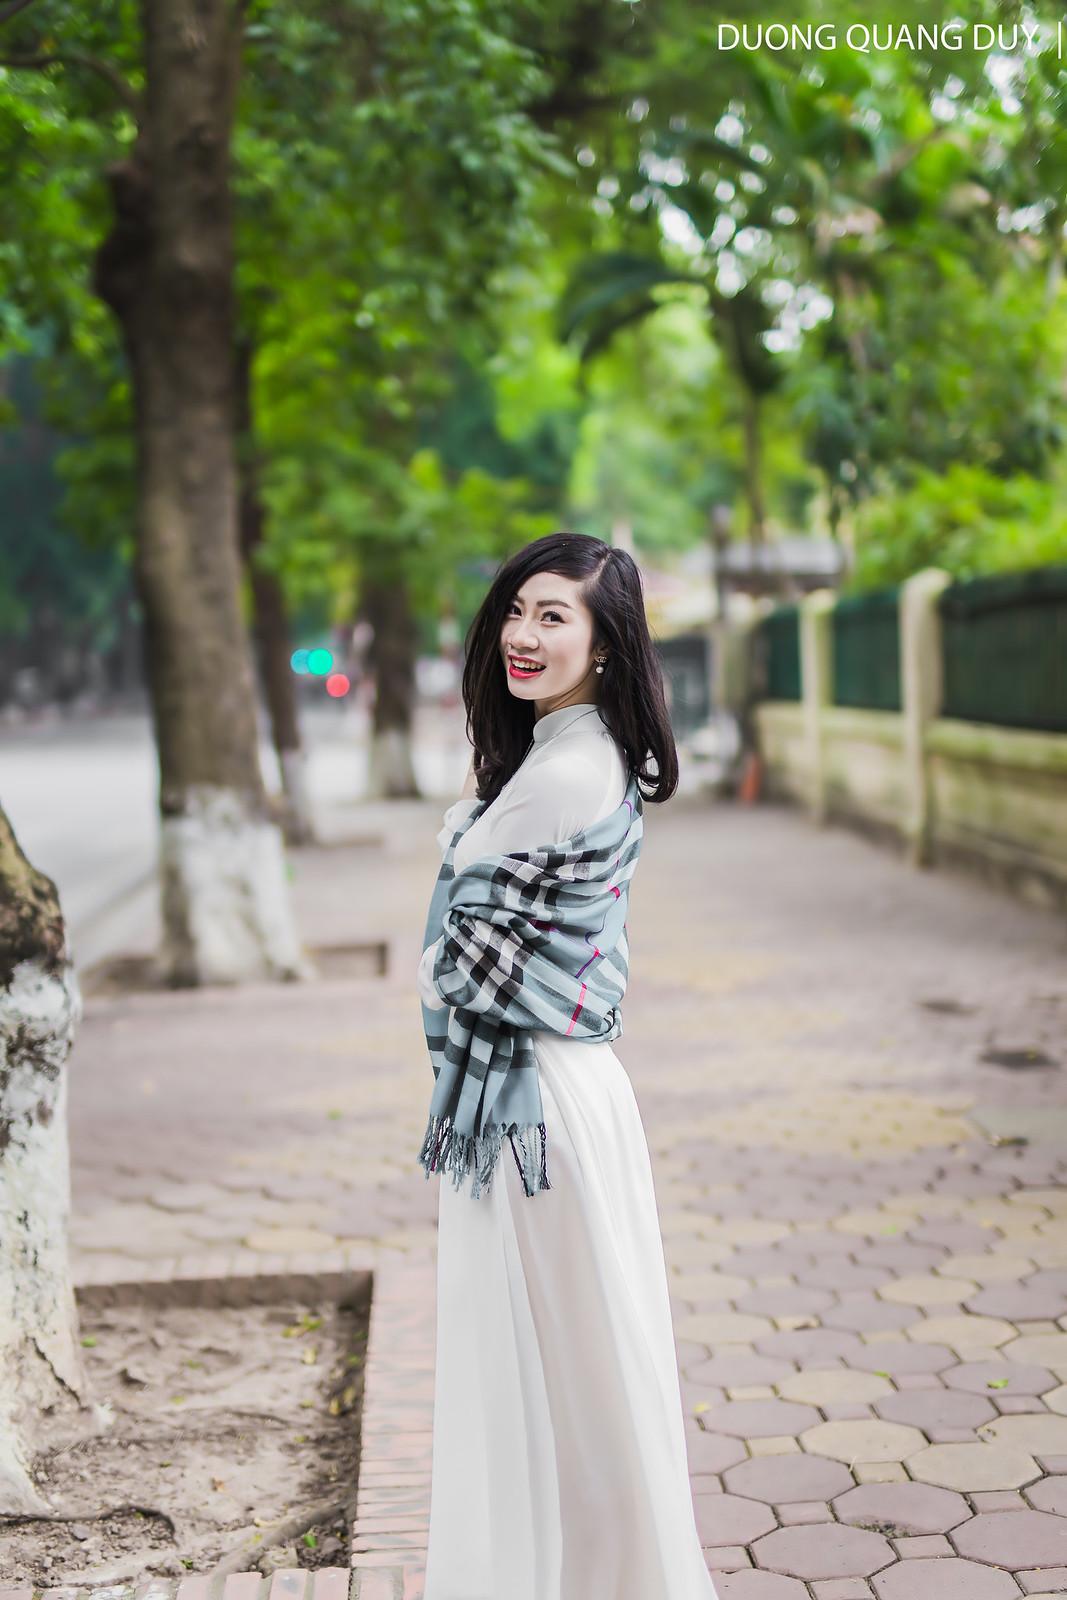 Áo dài trắng - Hà Nội chớm đông 7